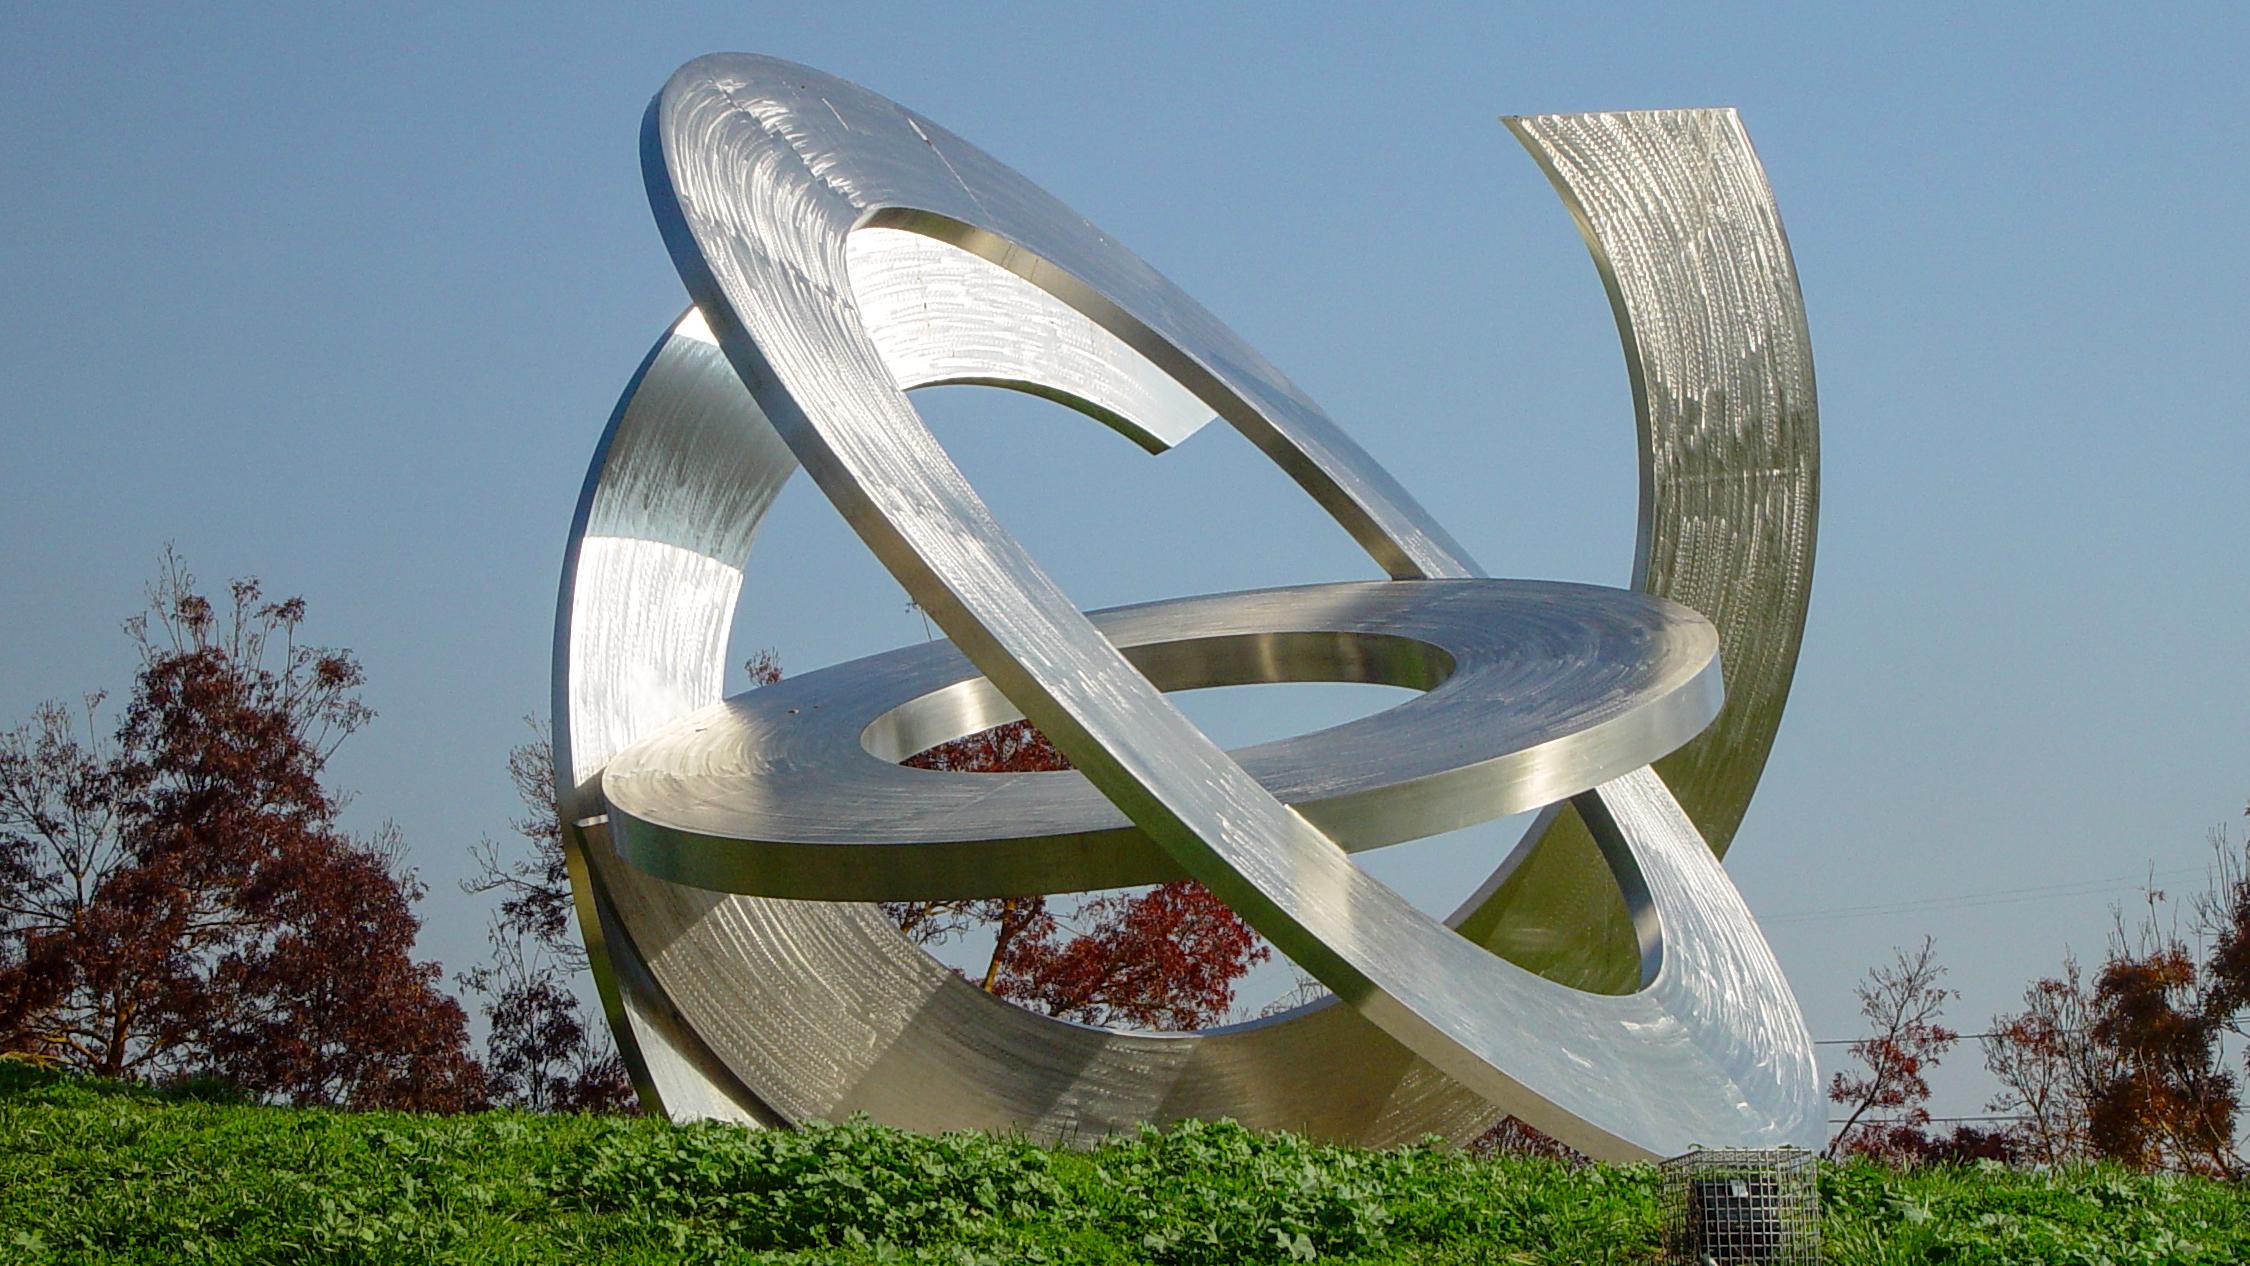 Inge King - Rings of Saturn (2006)